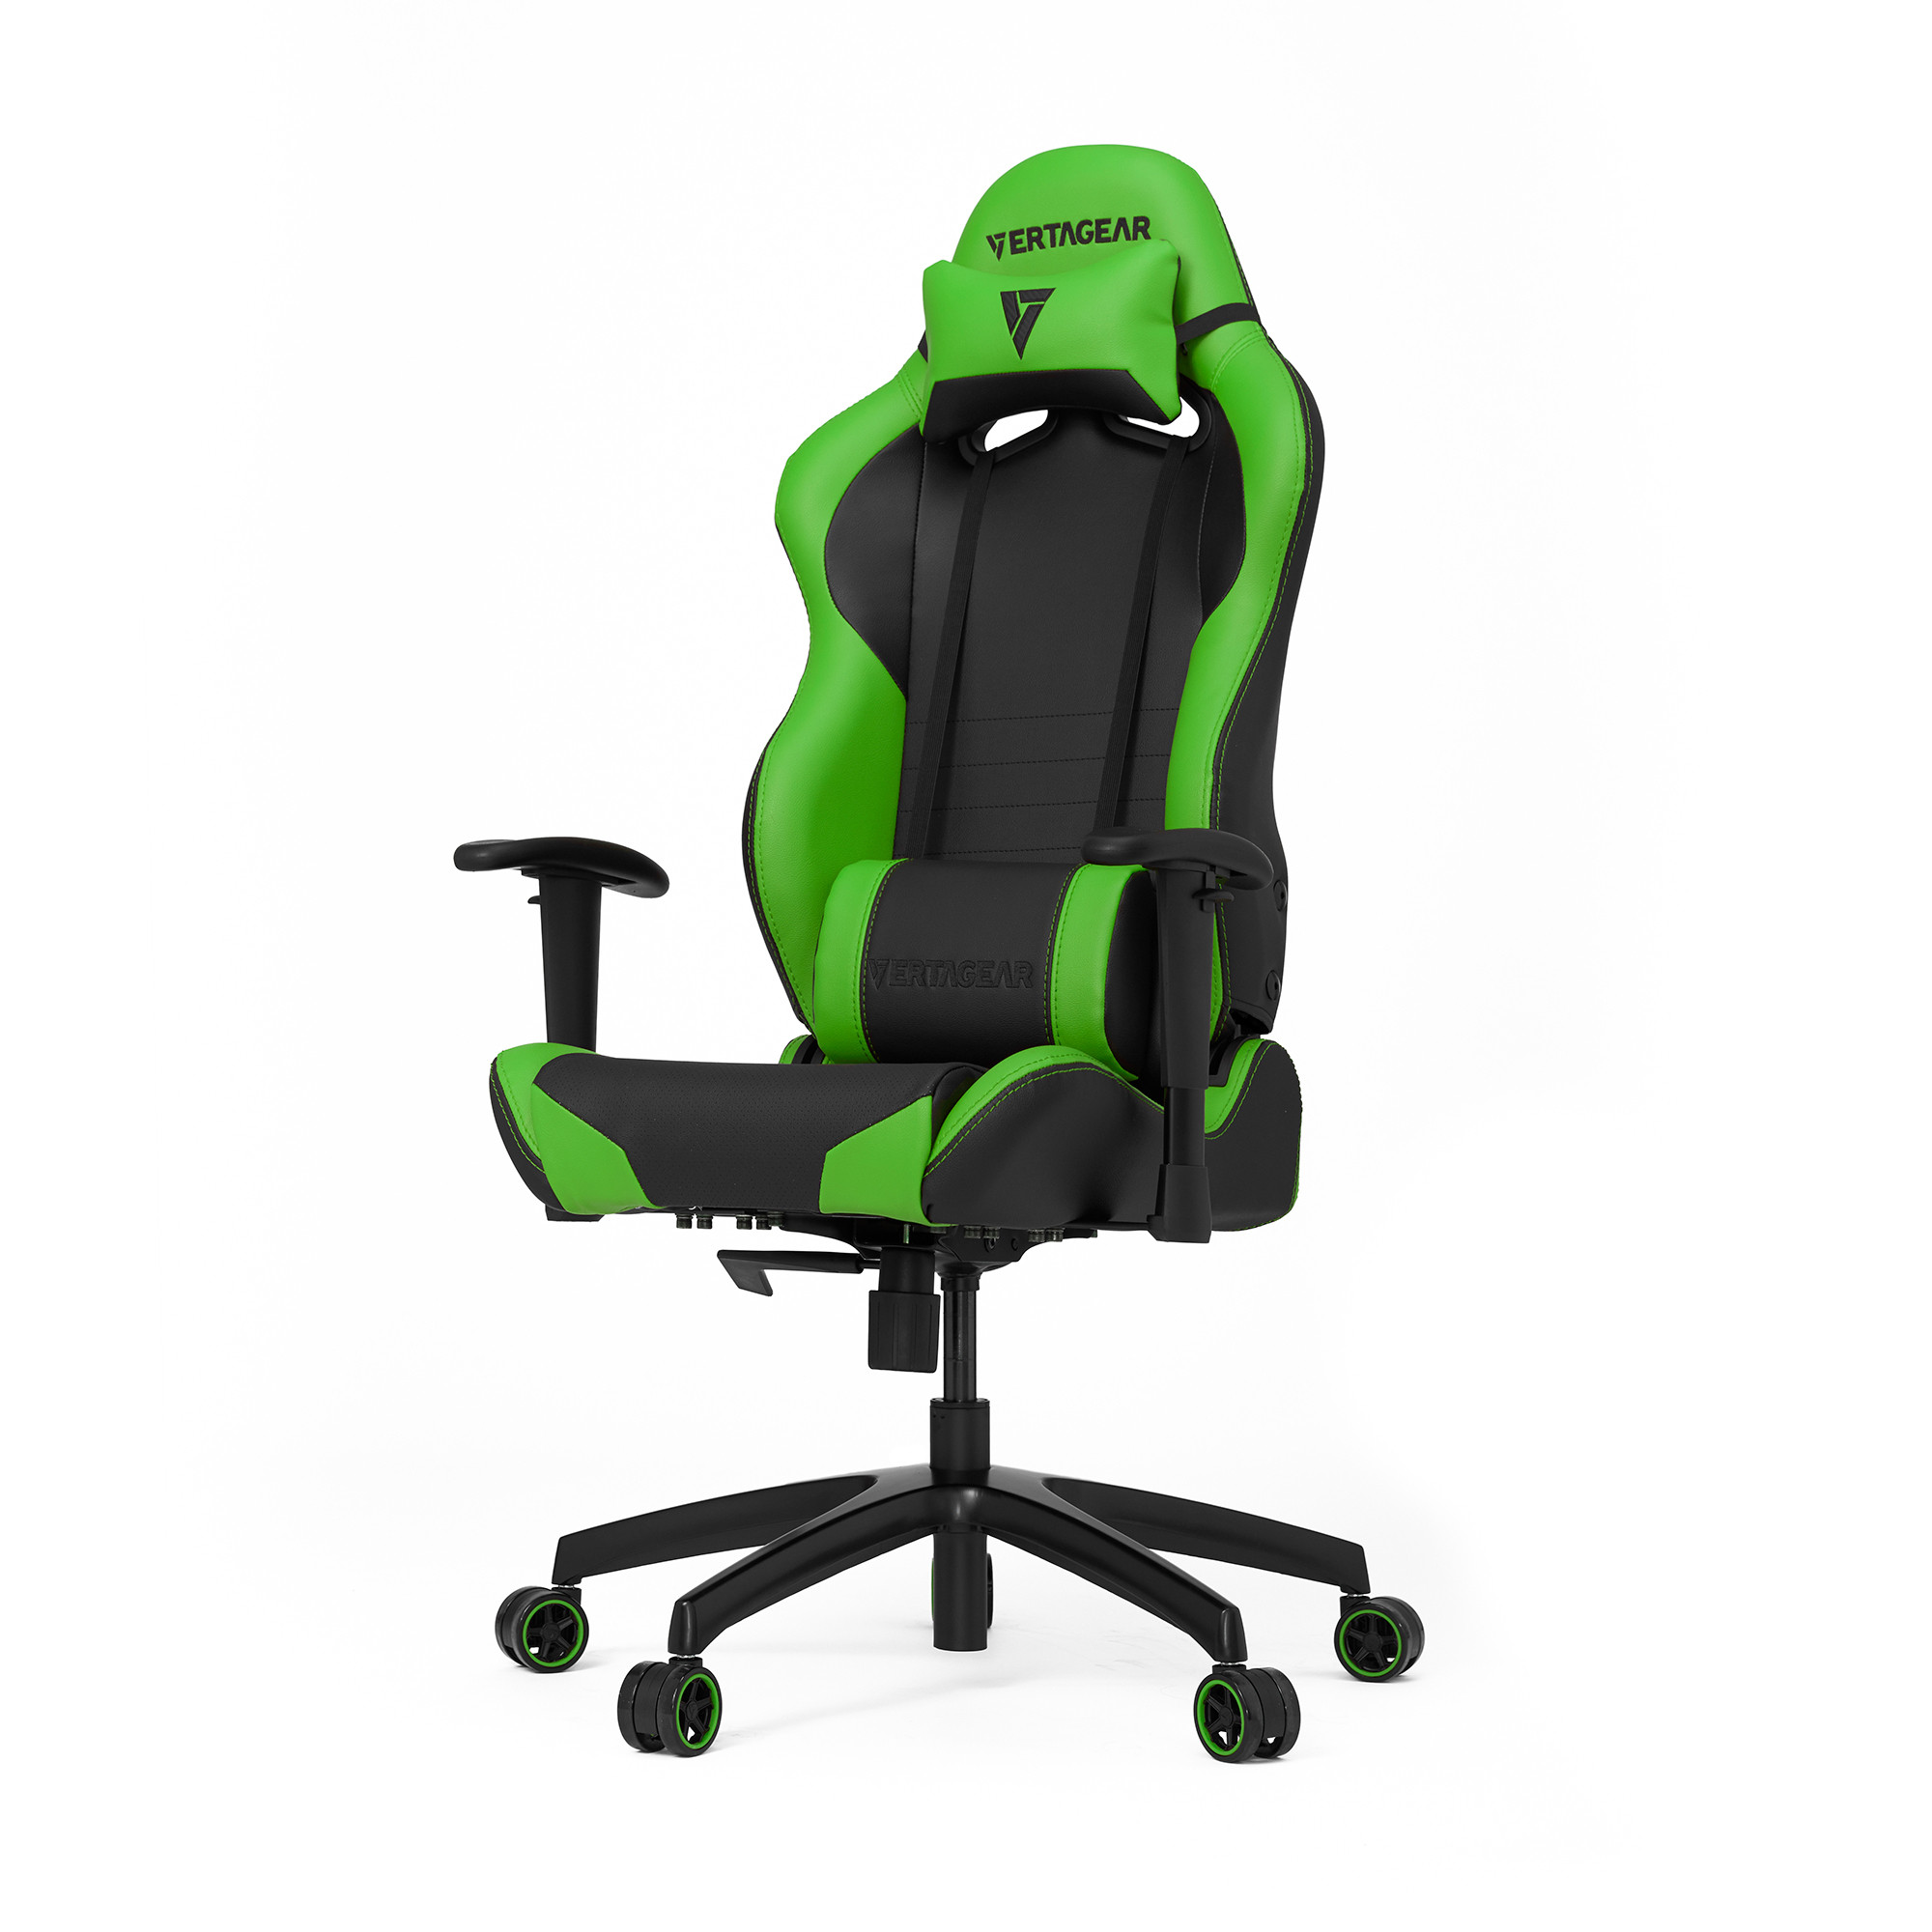 Профессиональное киберспортивное кресло Vertagear SL2000 черный/зеленыйНабивка в SL-2000 сделанная из высокоплотной эластичной пены, которая добавляет отличную поддержку и удобство в положении сидя.&#13;<br>&#13;<br>Элегантное исполнение модели SL-2000 сделано из высококачественной PVC кожи, которая делает покрытие невероятно прочным и дает креслу роскошный вид. Этот материал легко чистить и поддерживать в хорошем состоянии, благодаря цветной прошивке и водозащитным характеристикам.<br>